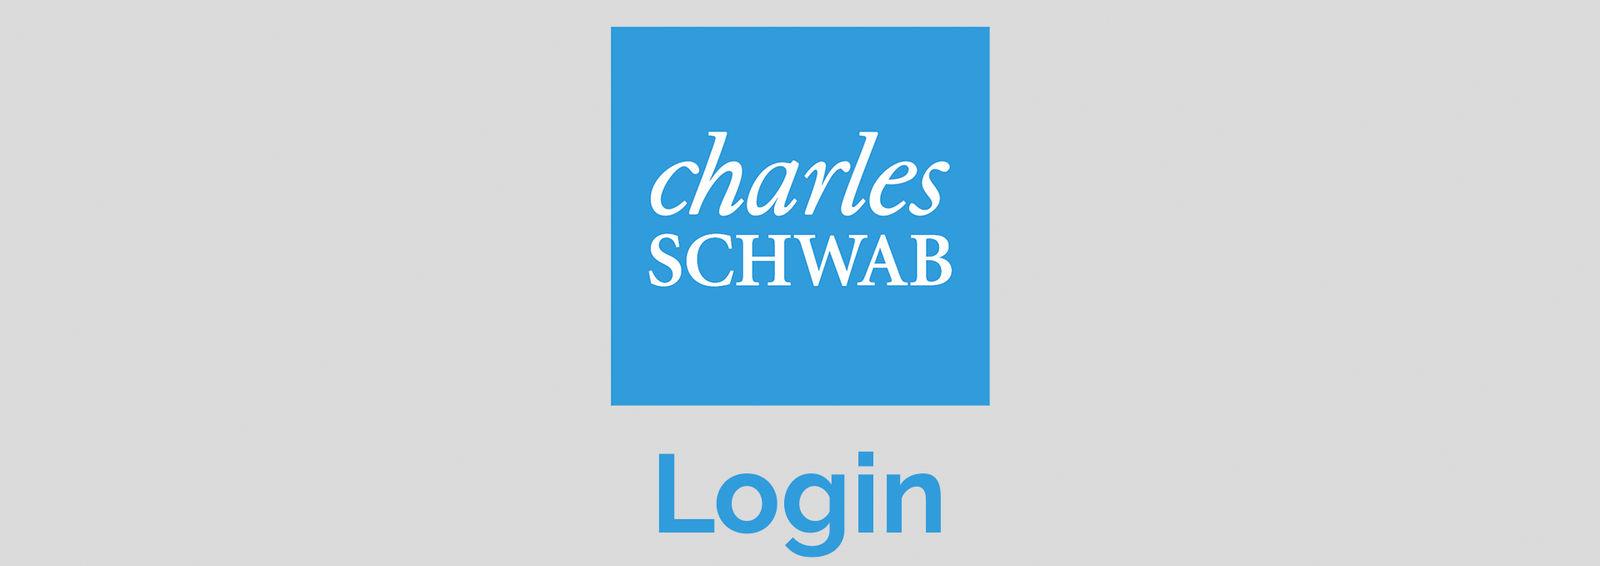 Charles Schwab Login Link